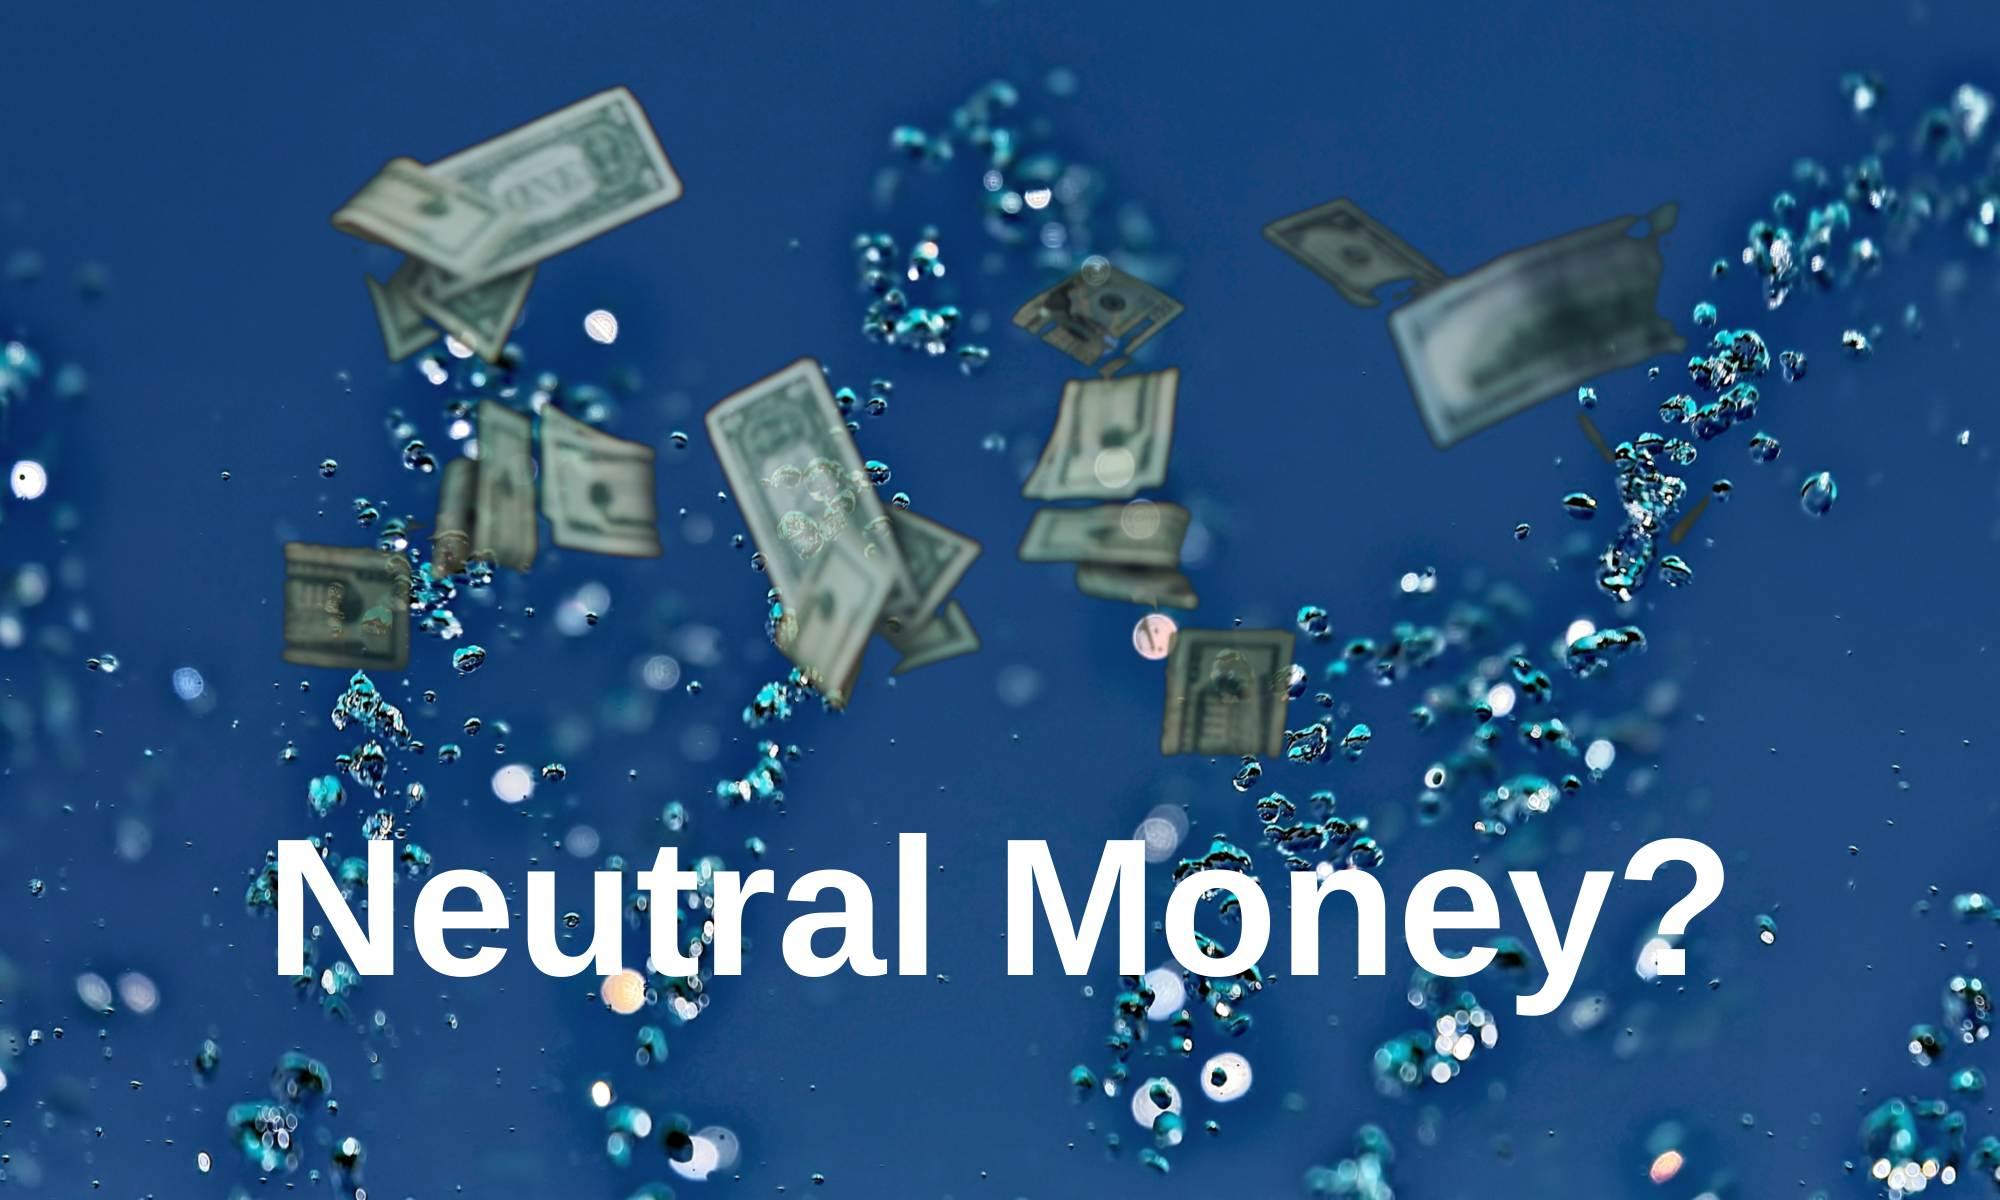 Economics of Neutral Money